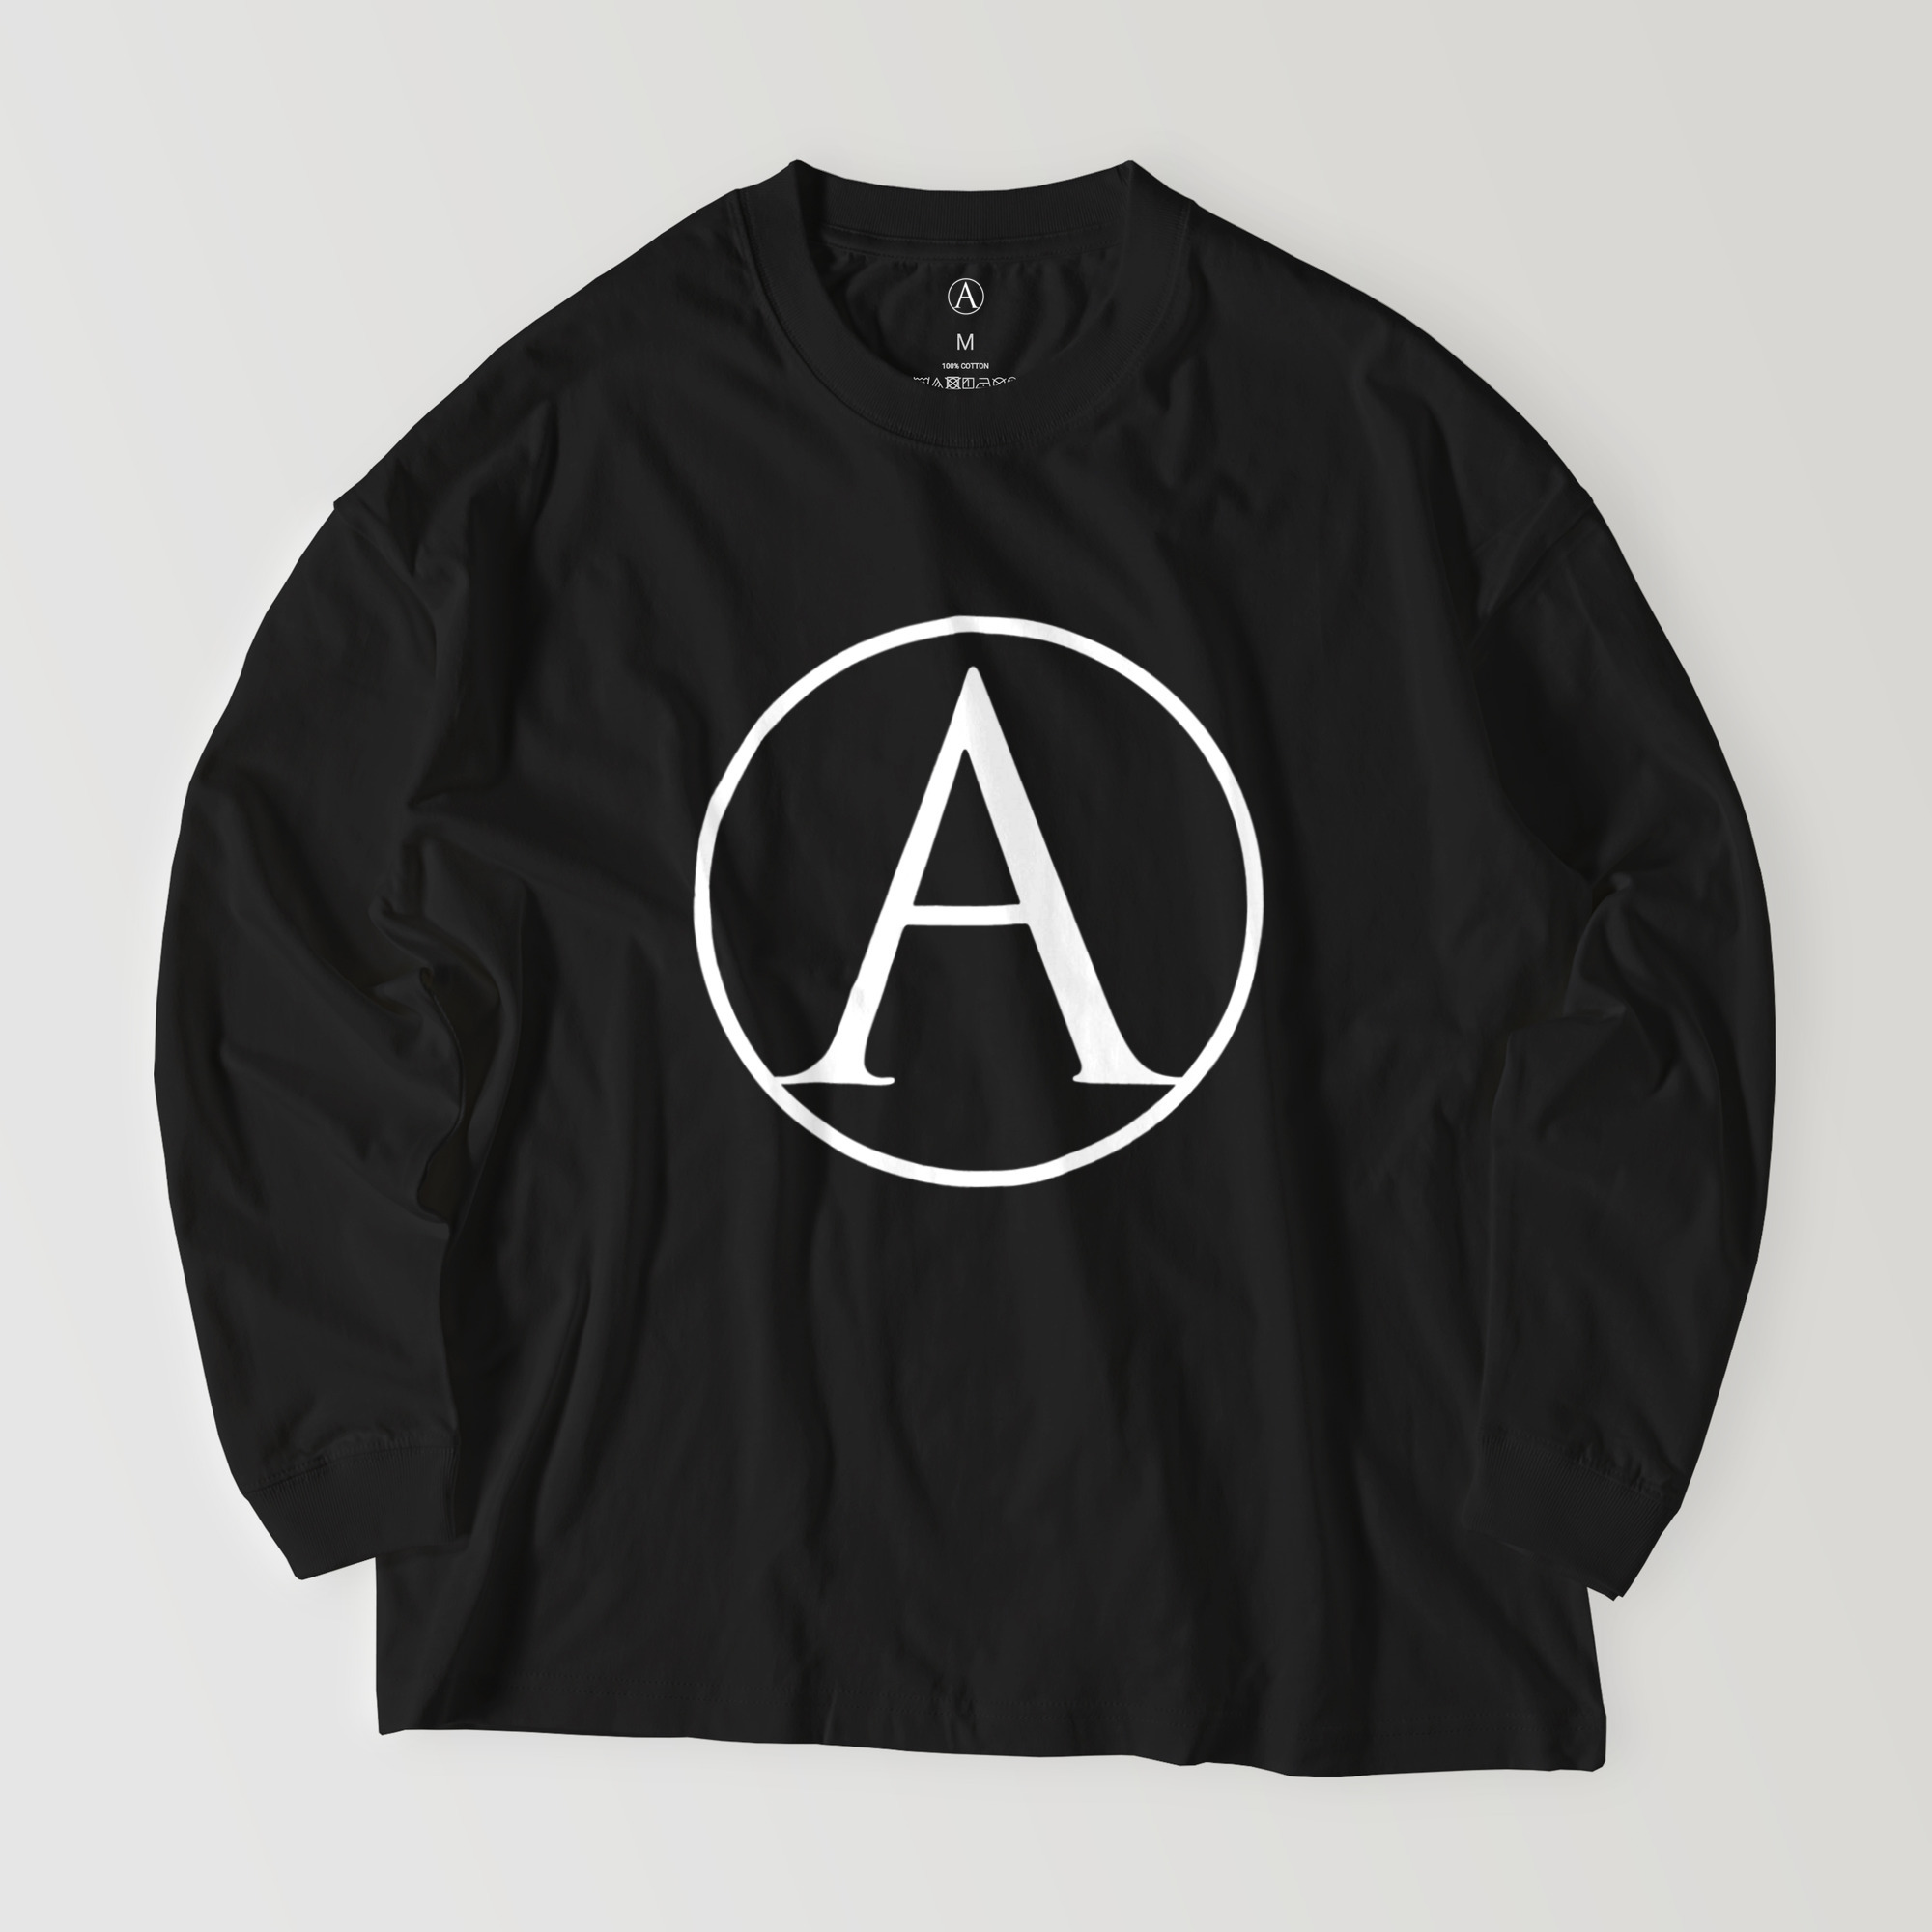 A ビッグシルエットロングシャツ ブラック(白抜き) / Mens